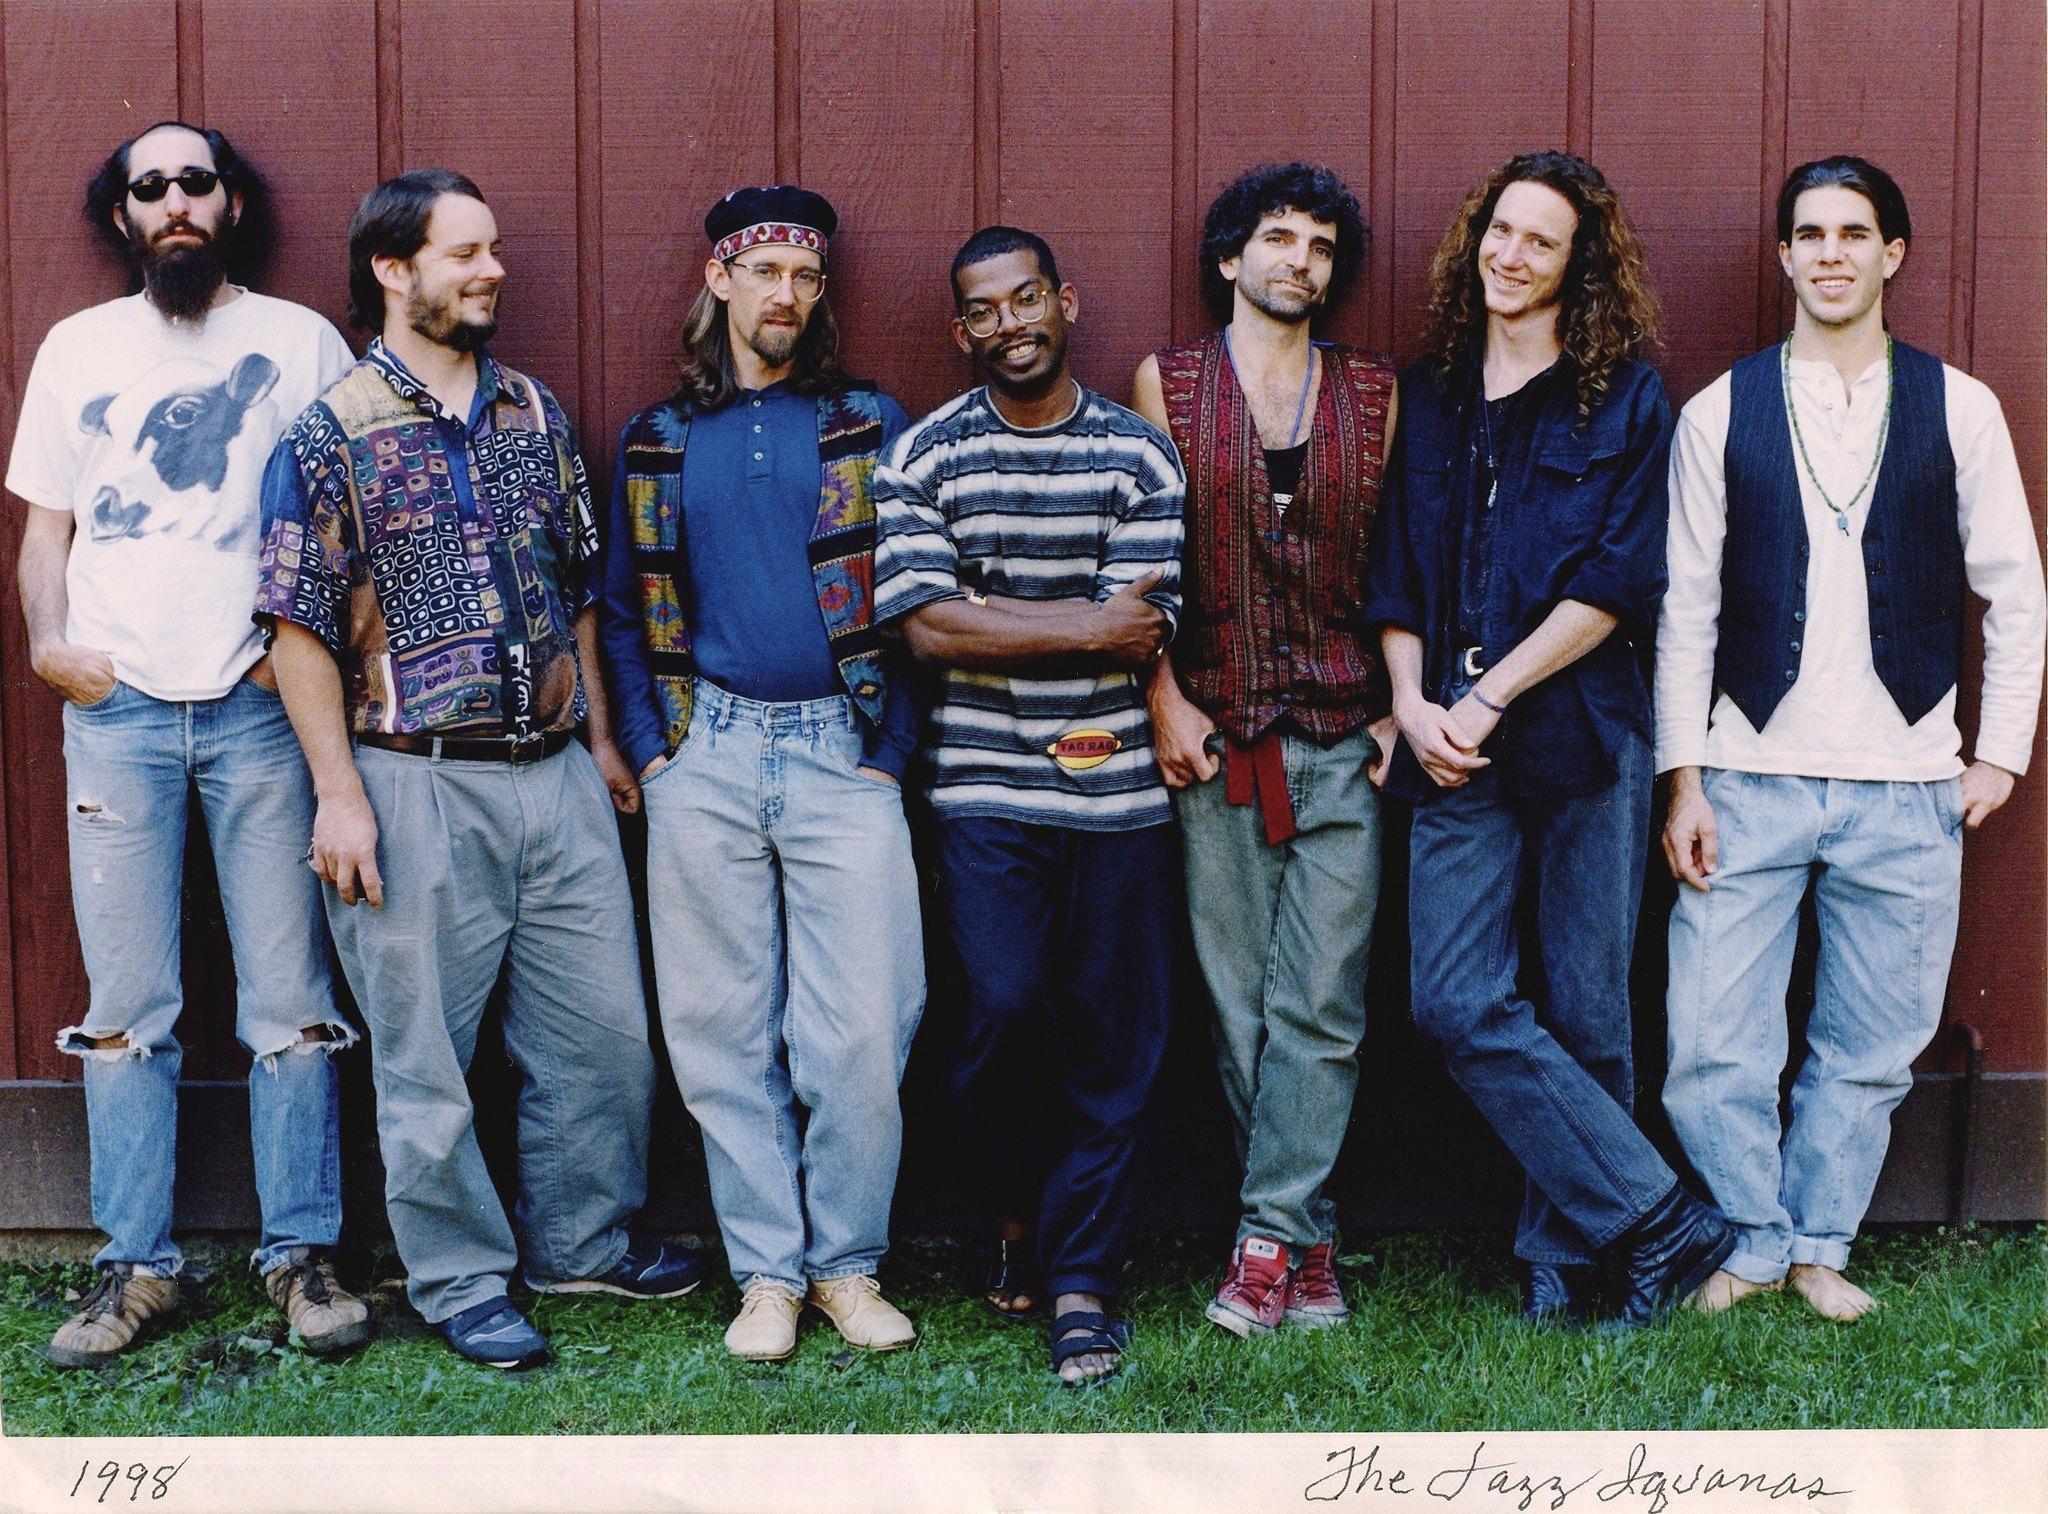 Jazz Iguanas early 90's